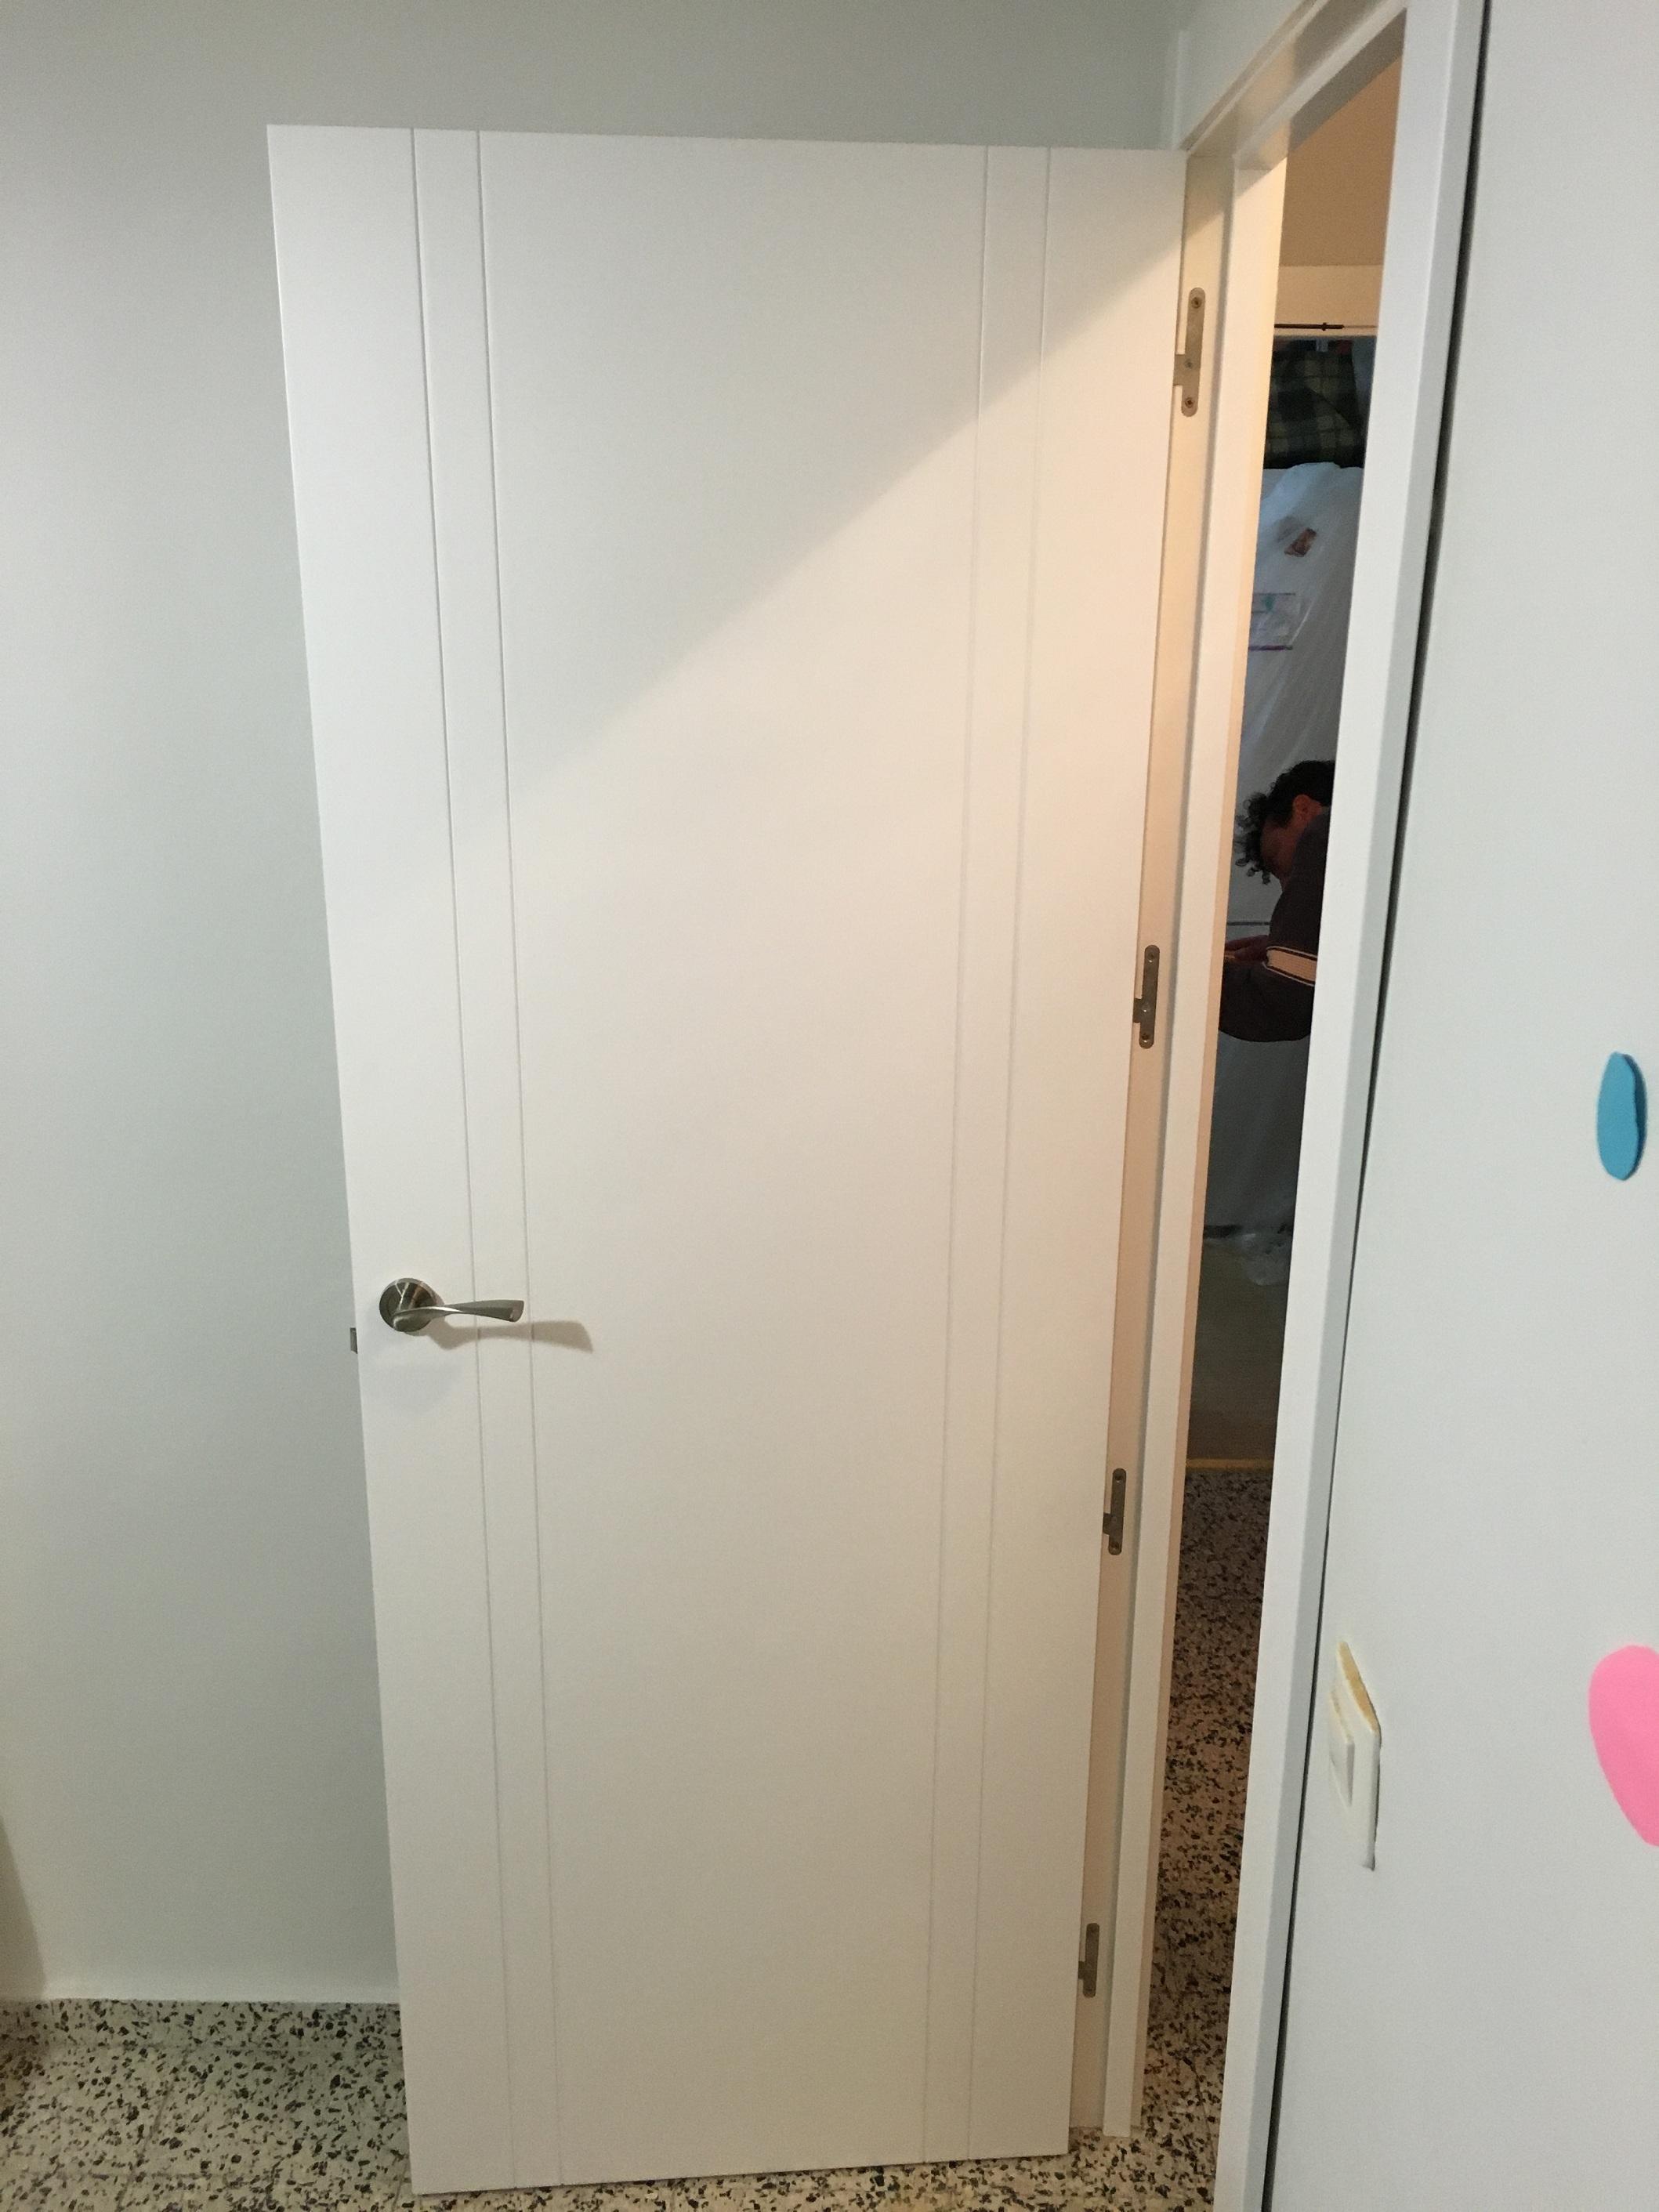 Puertas lacadas en blanco macizas de dm carpinteria for Precio puertas macizas lacadas en blanco